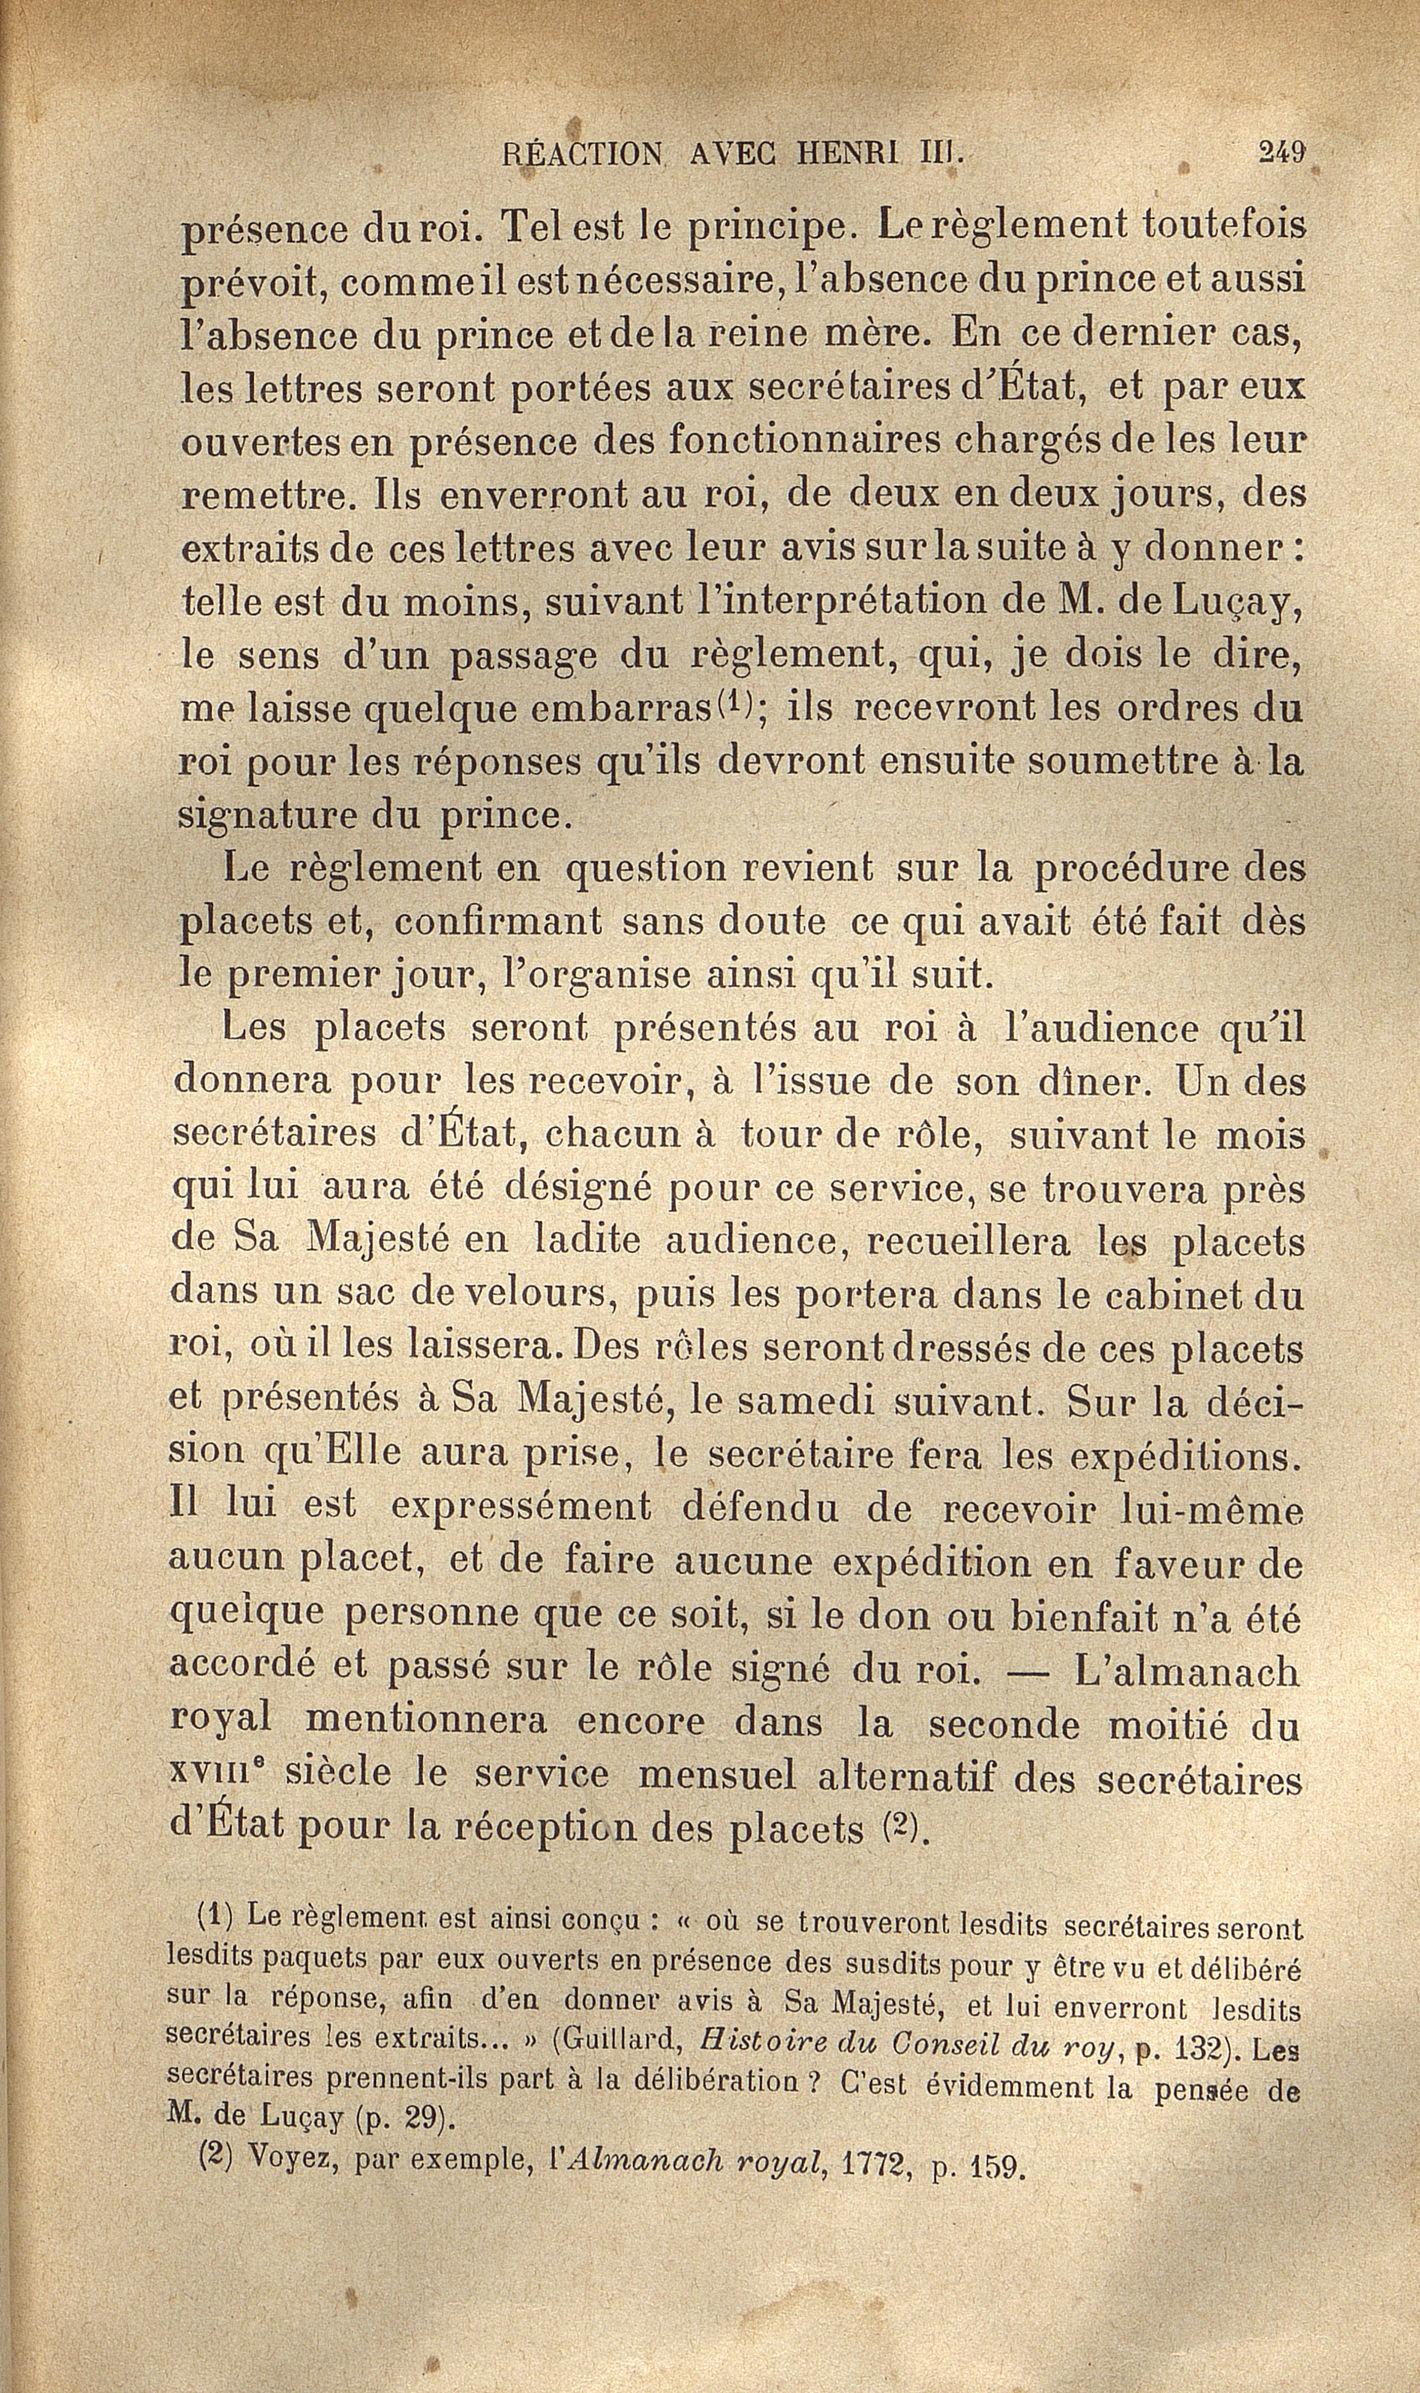 http://expo-paulviollet.univ-paris1.fr/wp-content/uploads/2016/02/0605381272_0263.jpg